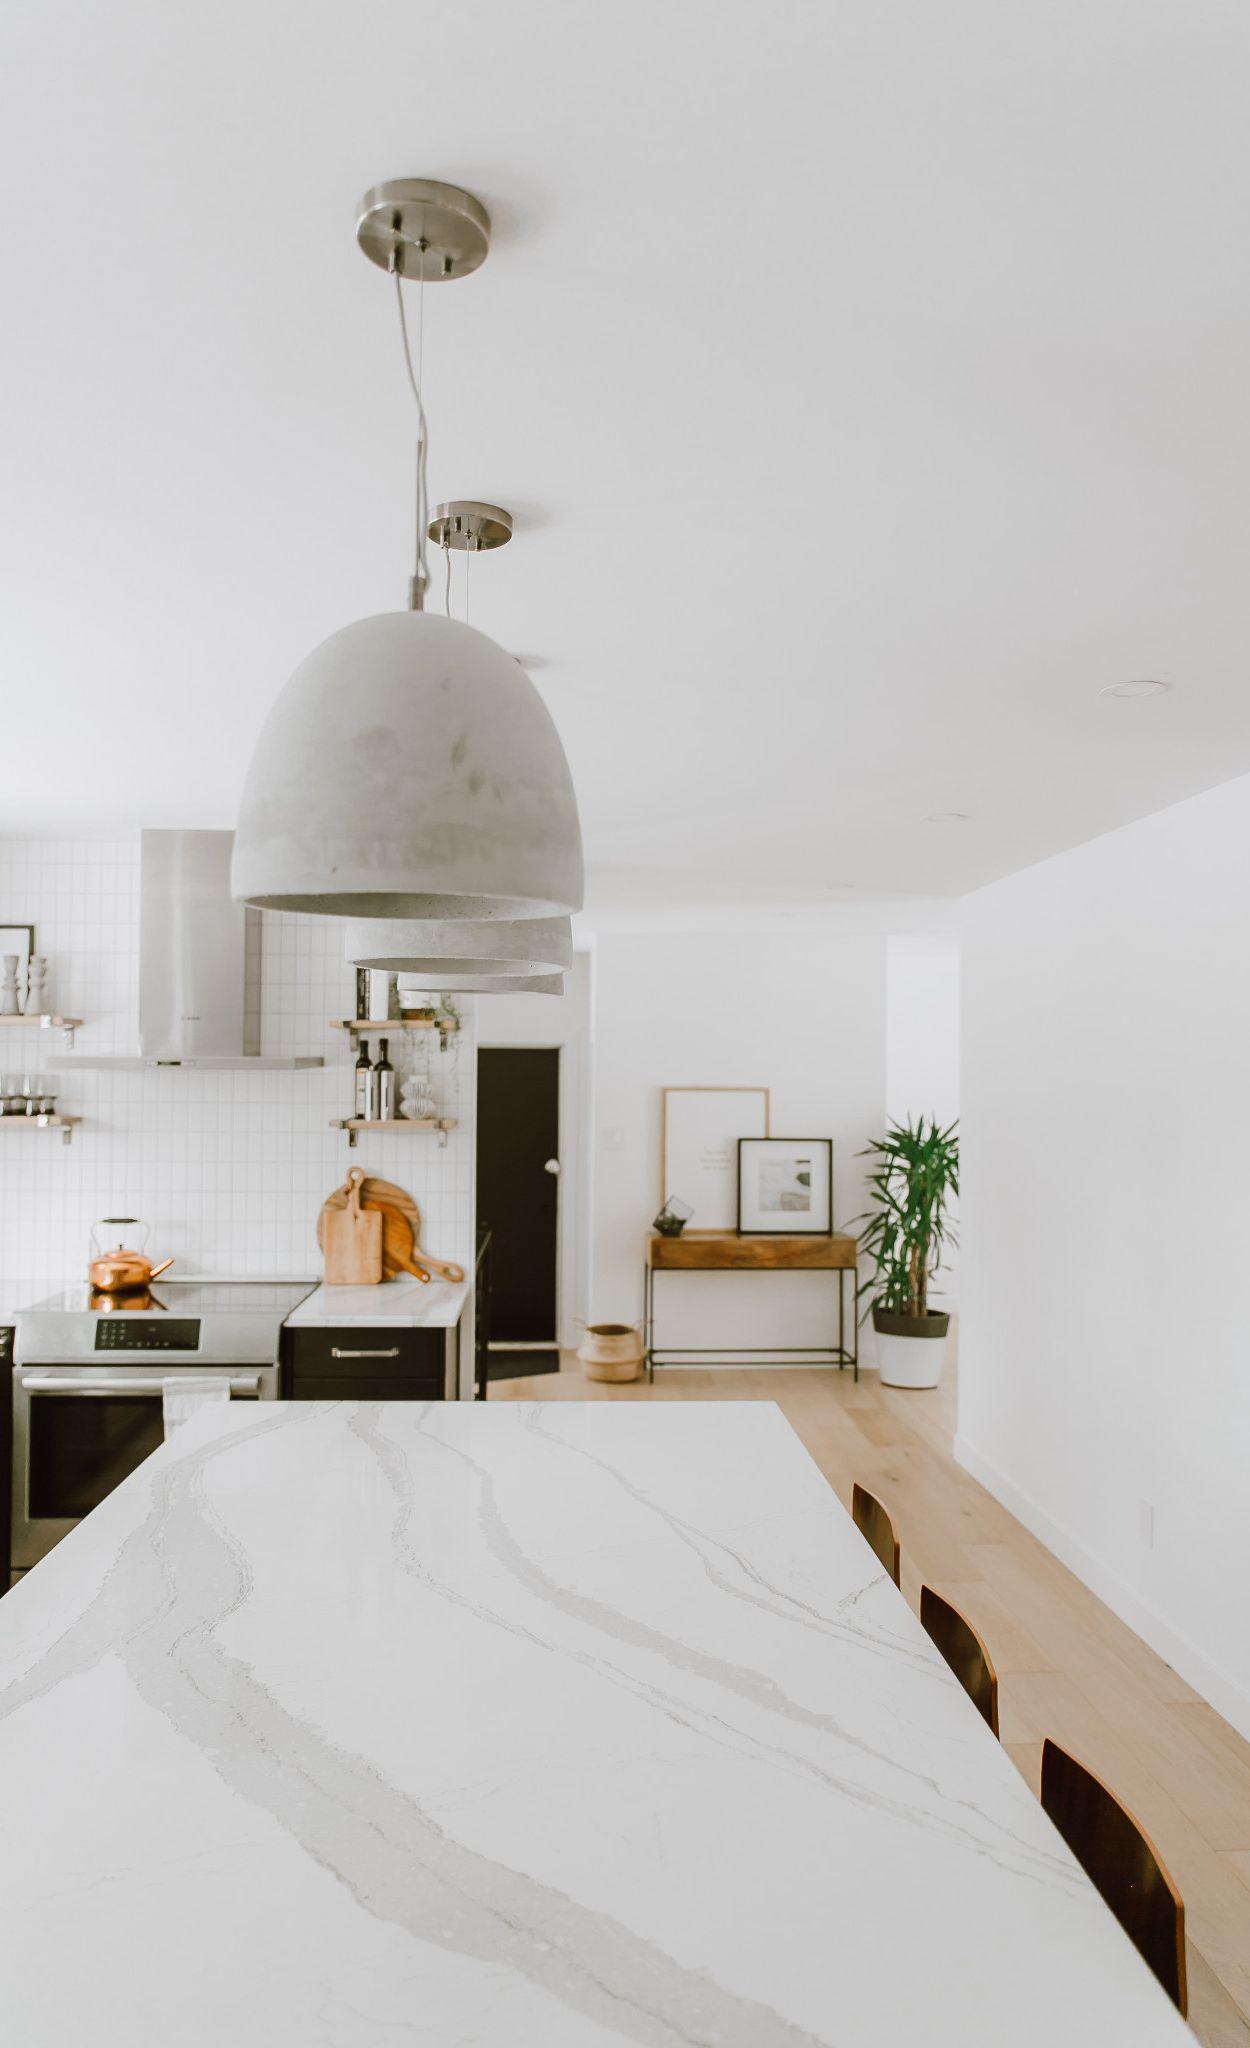 Cambria Brittanicca island in high contrast kitchen.